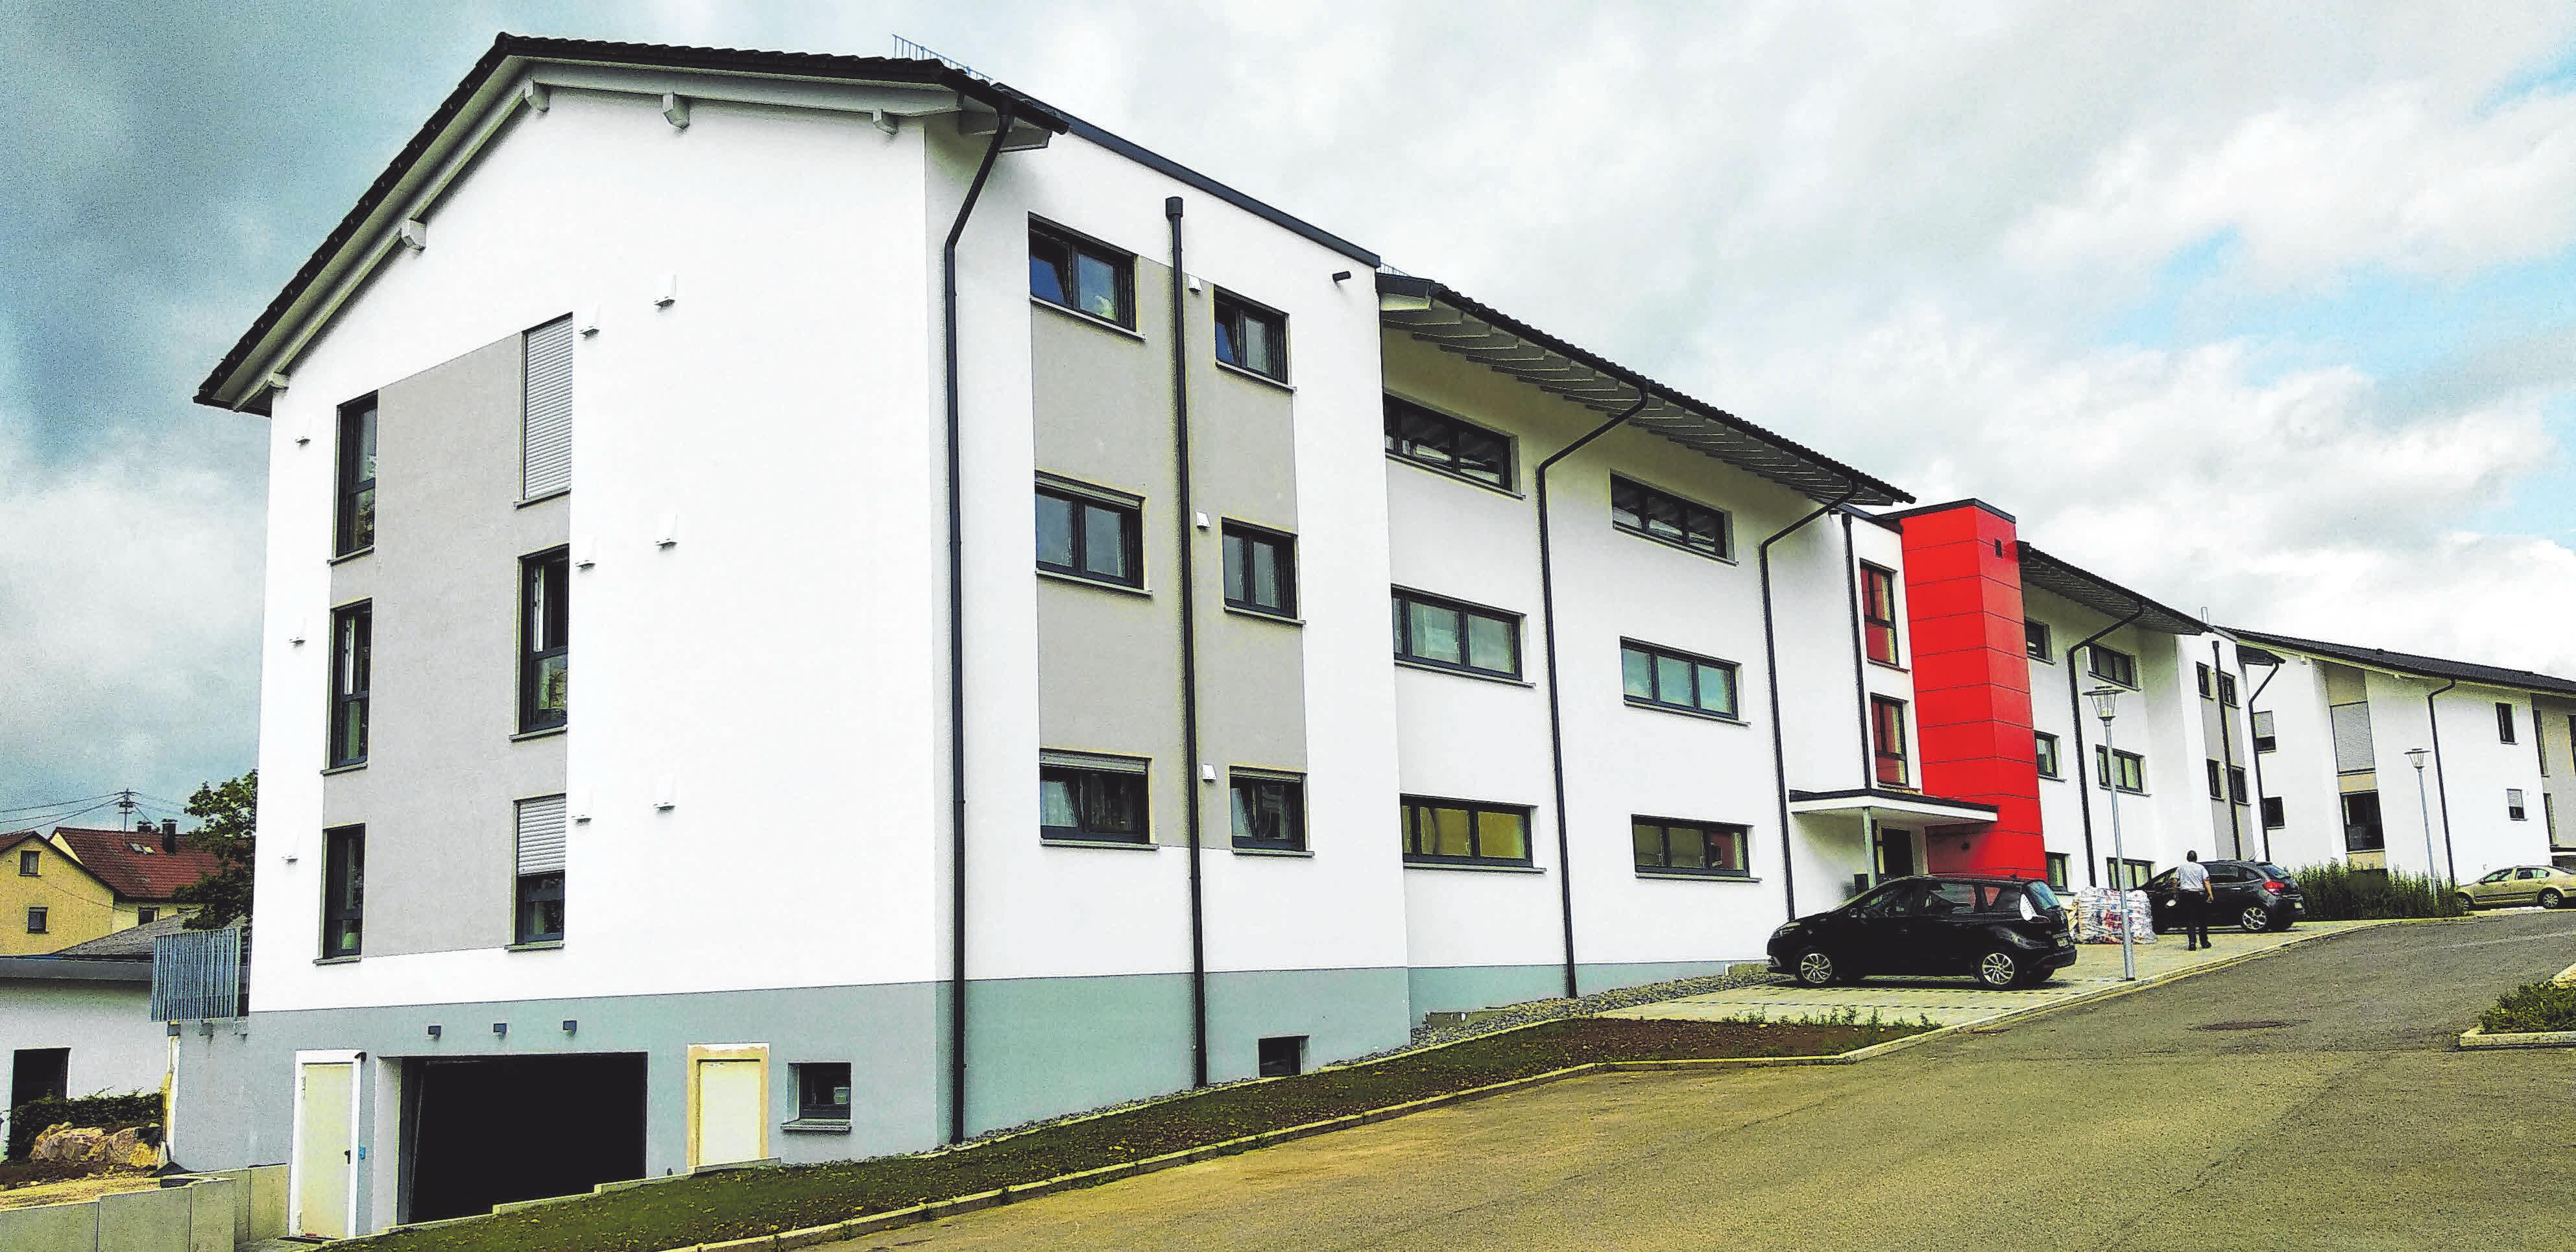 Die neu gebaute Lembergresidenz bietet 2,5- und 3,5-Zimmer-Wohnungen für Gosheimer Senioren, jede Wohneinheit verfügt über eine Terrasse oder einen Balkon. Dazu gibt es Stellplätze vor dem Haus, aber auch Tiefgaragenstellplätze. FOTO: PM